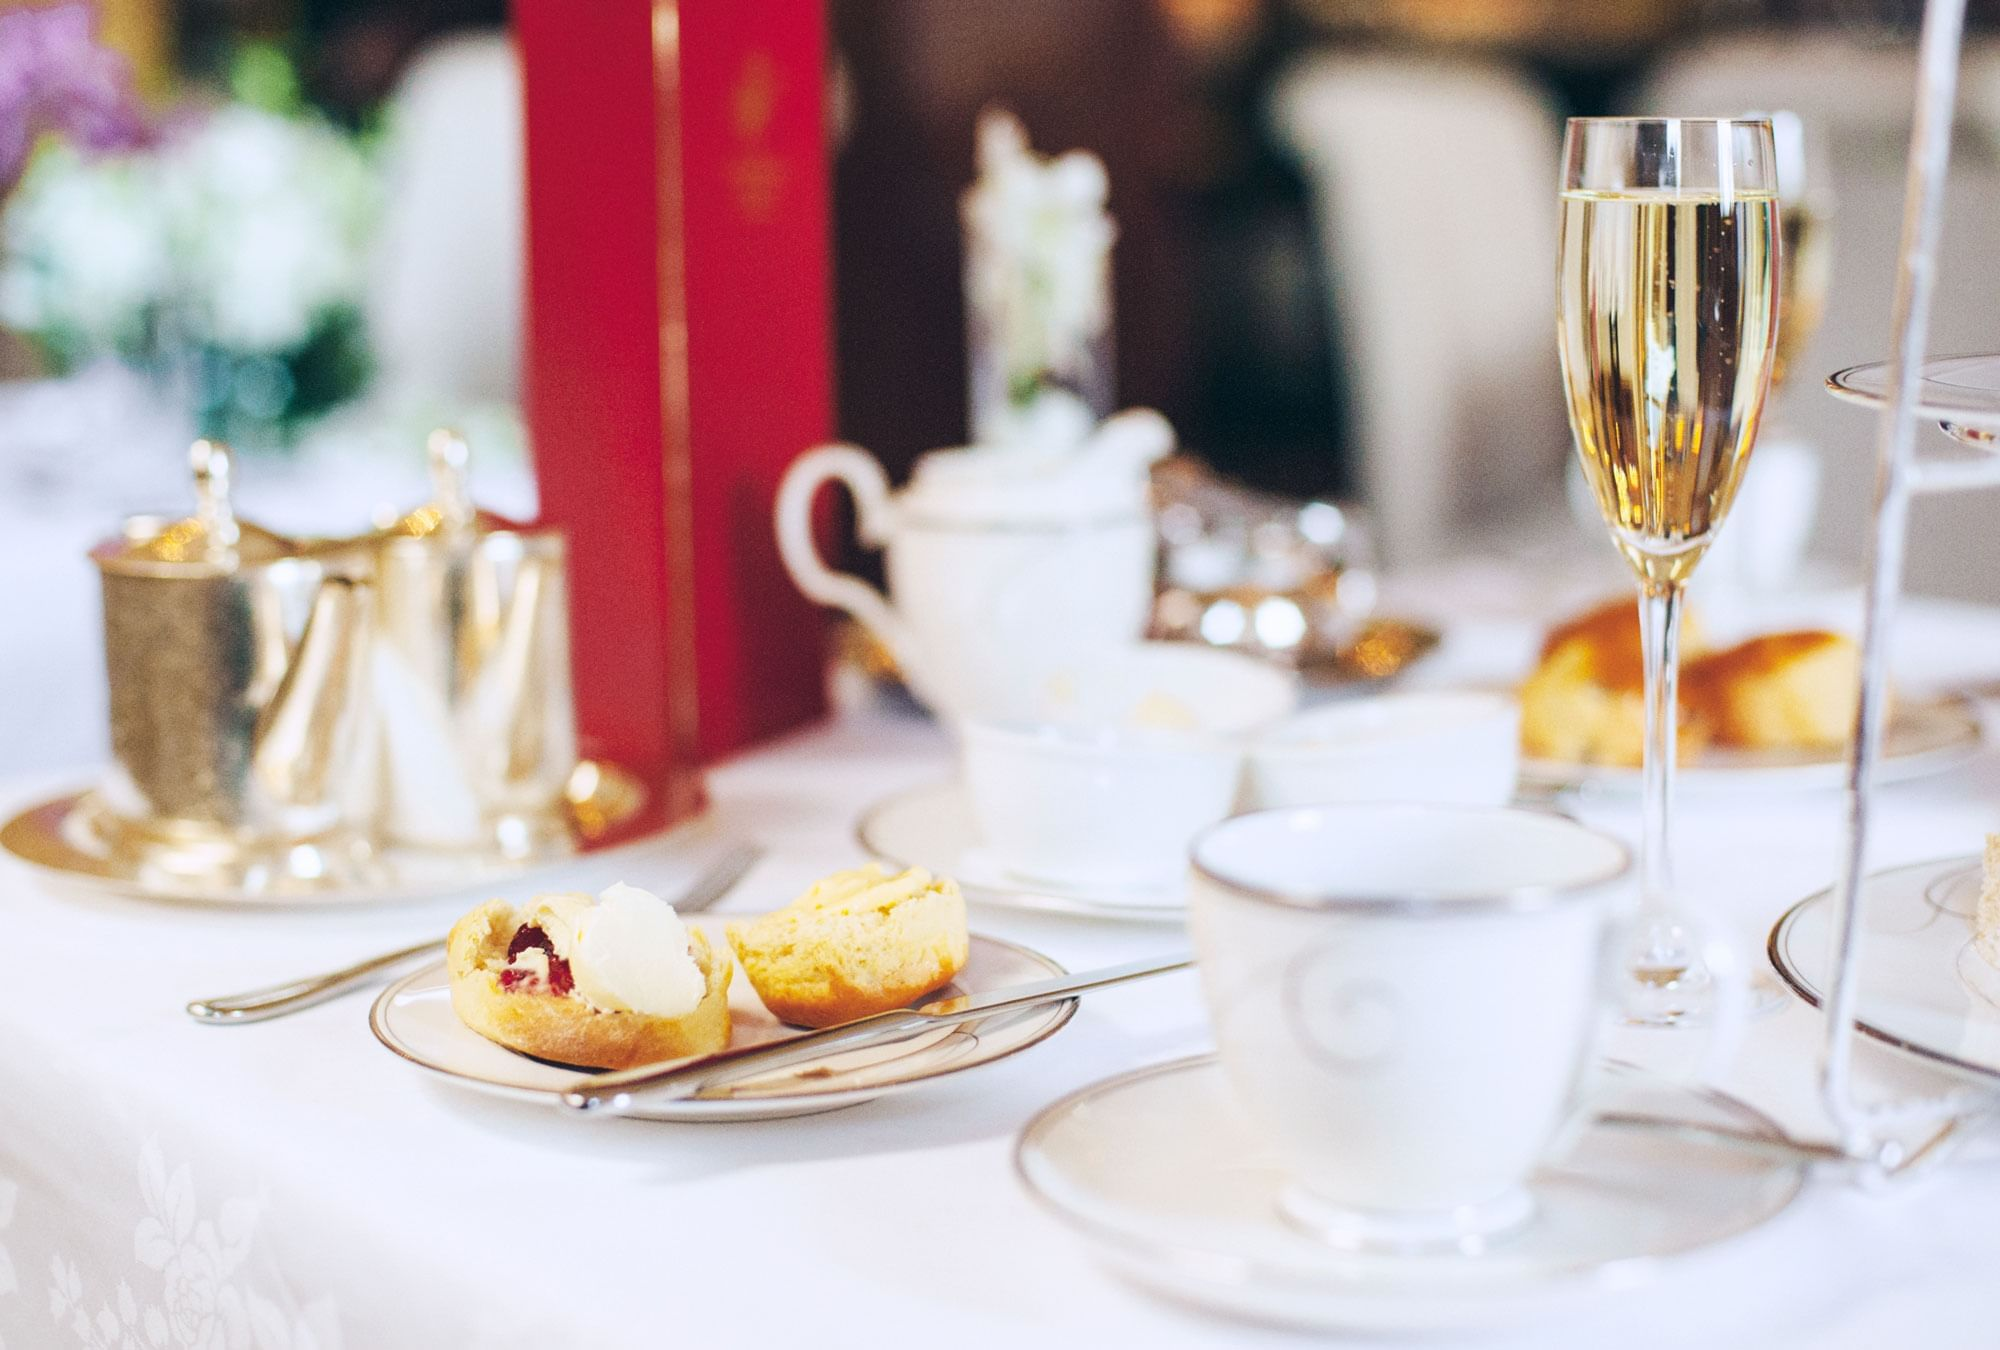 The Hotel Windsor Melbourne Dining